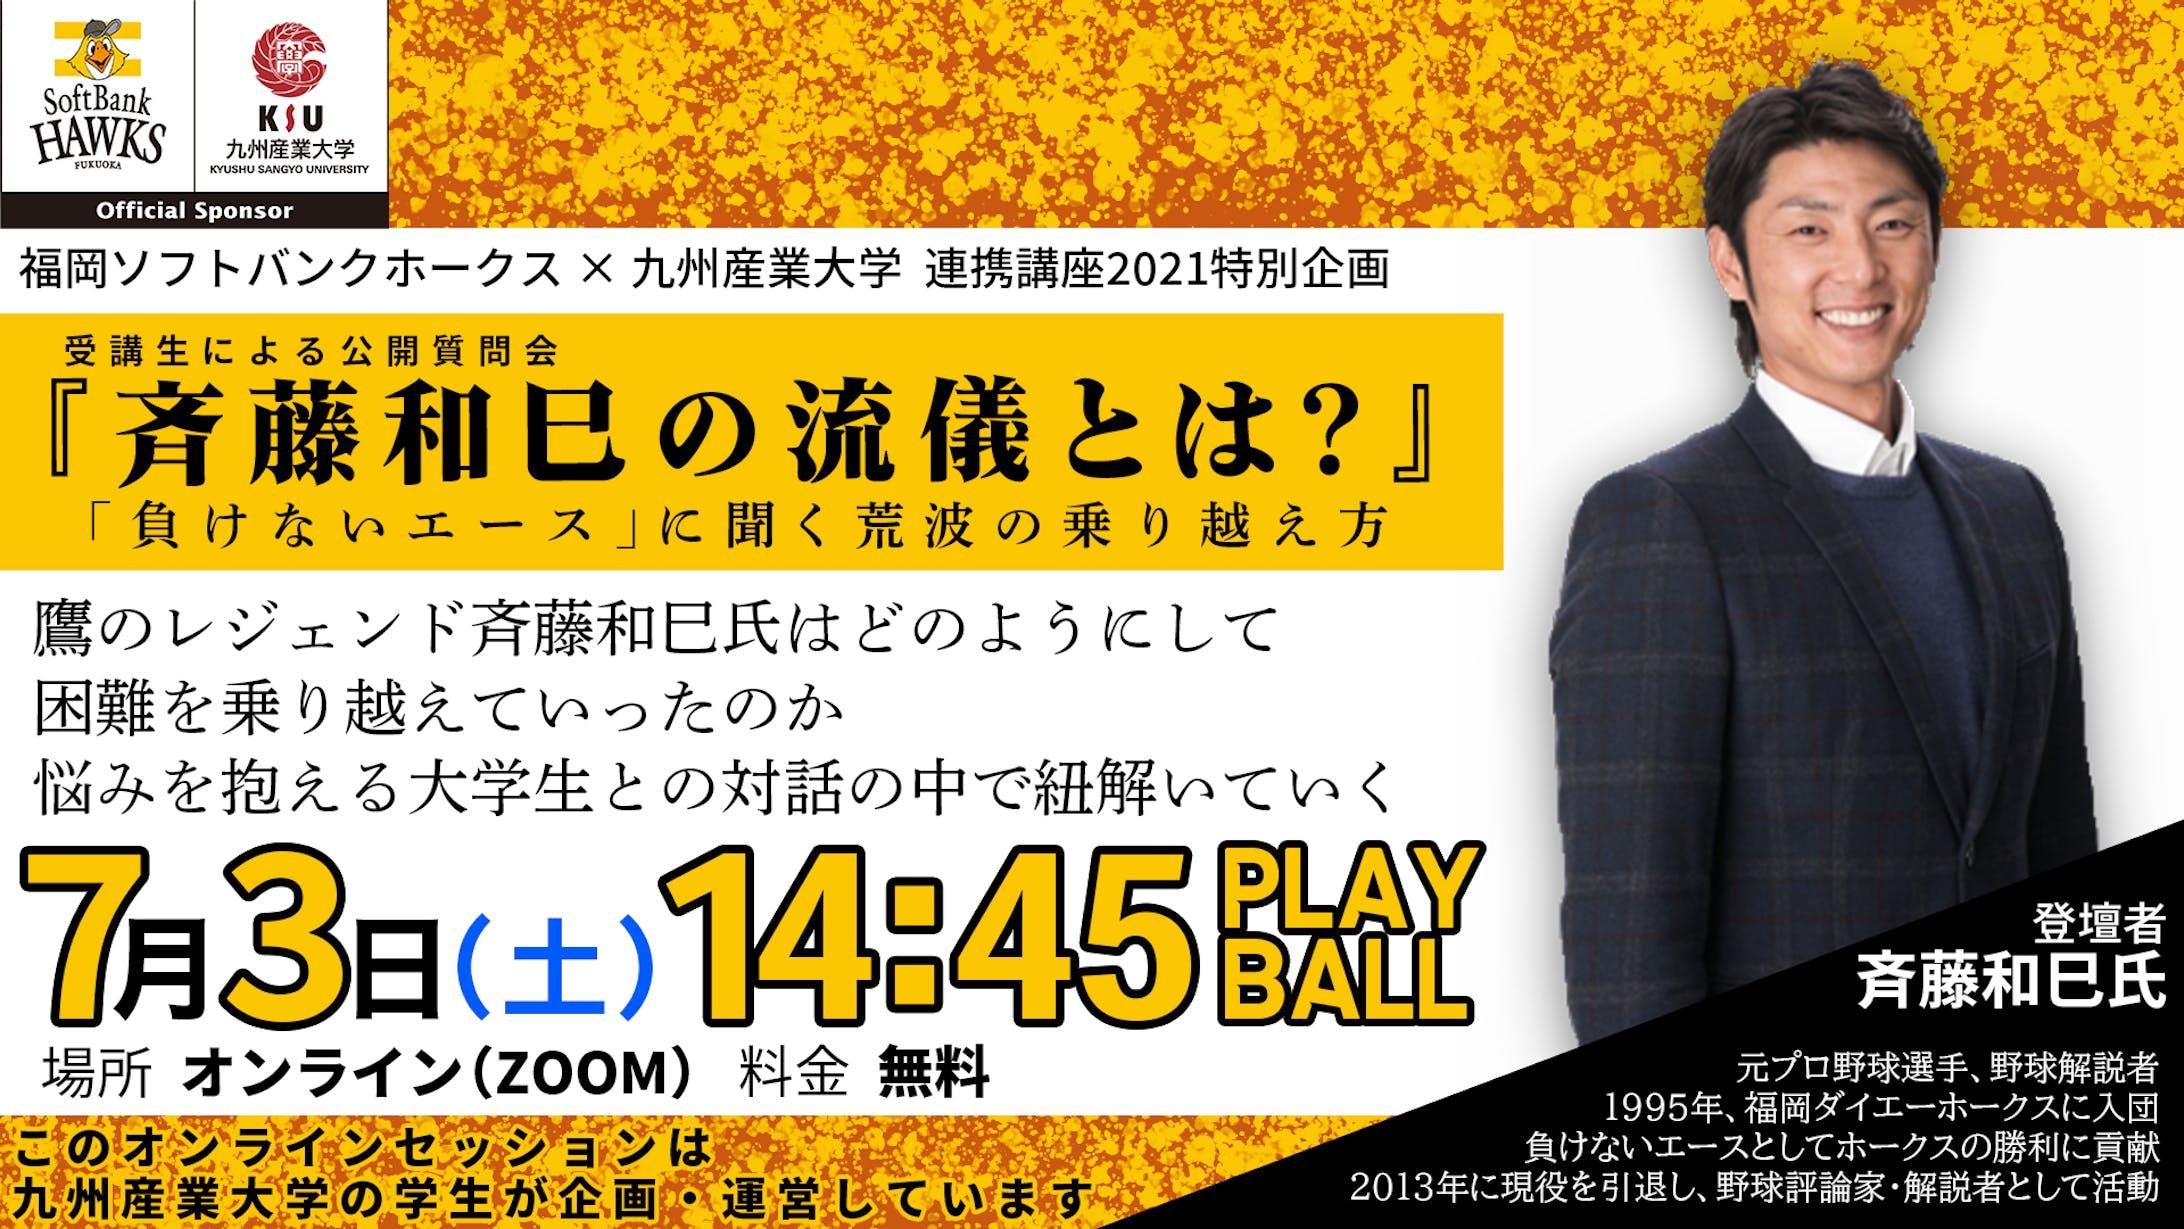 『斉藤和巳の流儀とは?』広告画像-1